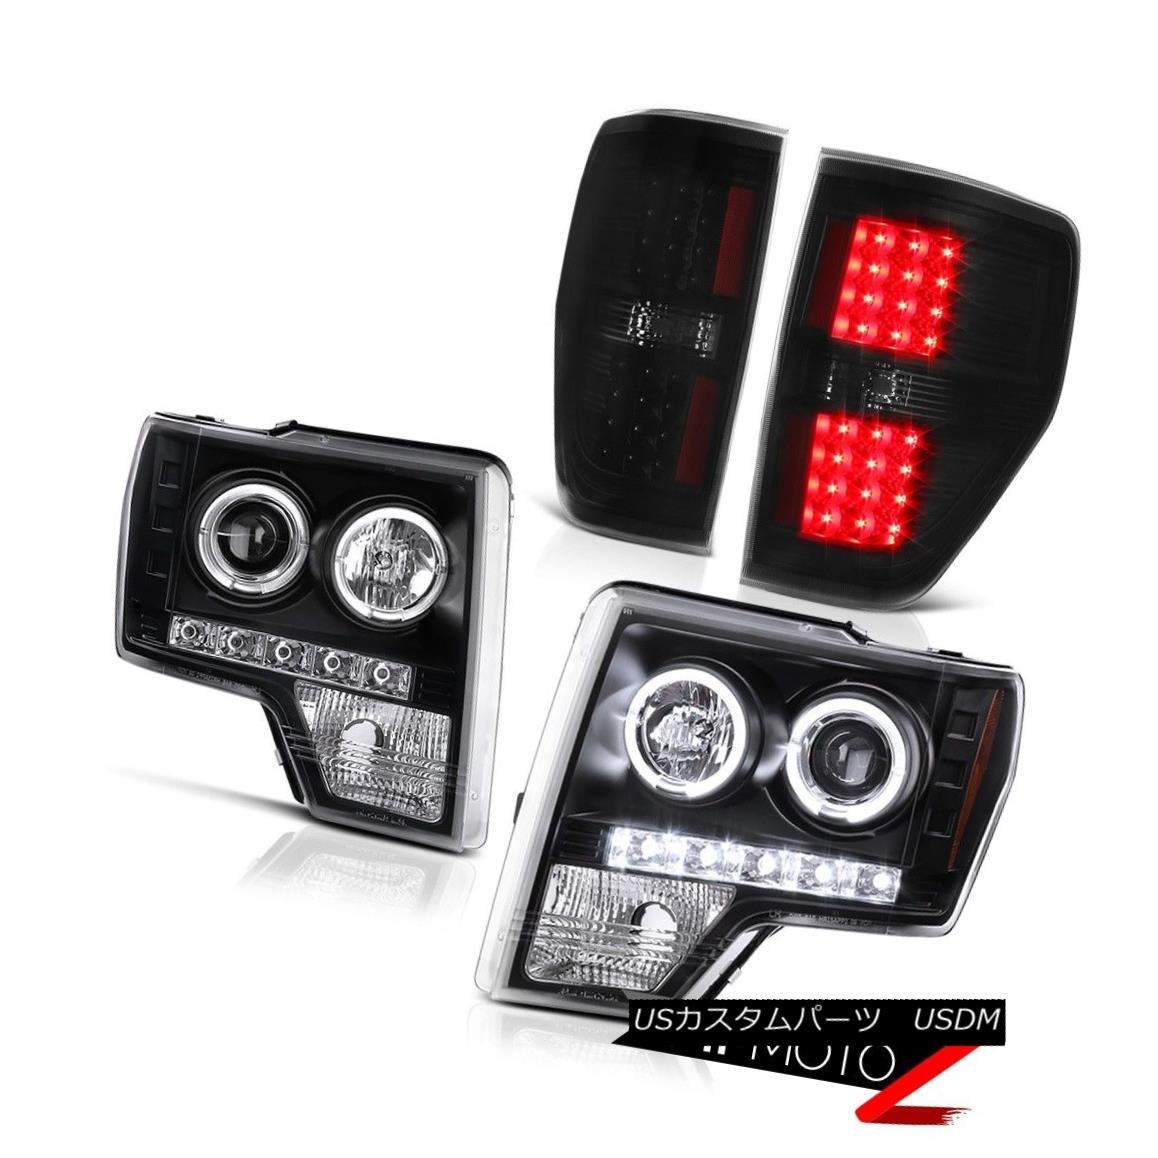 ヘッドライト 2009-2014 Ford F150 6.2L Dual Halo Projector Headlights LED Rear Brake Taillight 2009-2014 Ford F150 6.2Lデュアル・ハロー・プロジェクター・ヘッドライトLEDリア・ブレーキ・テールライト